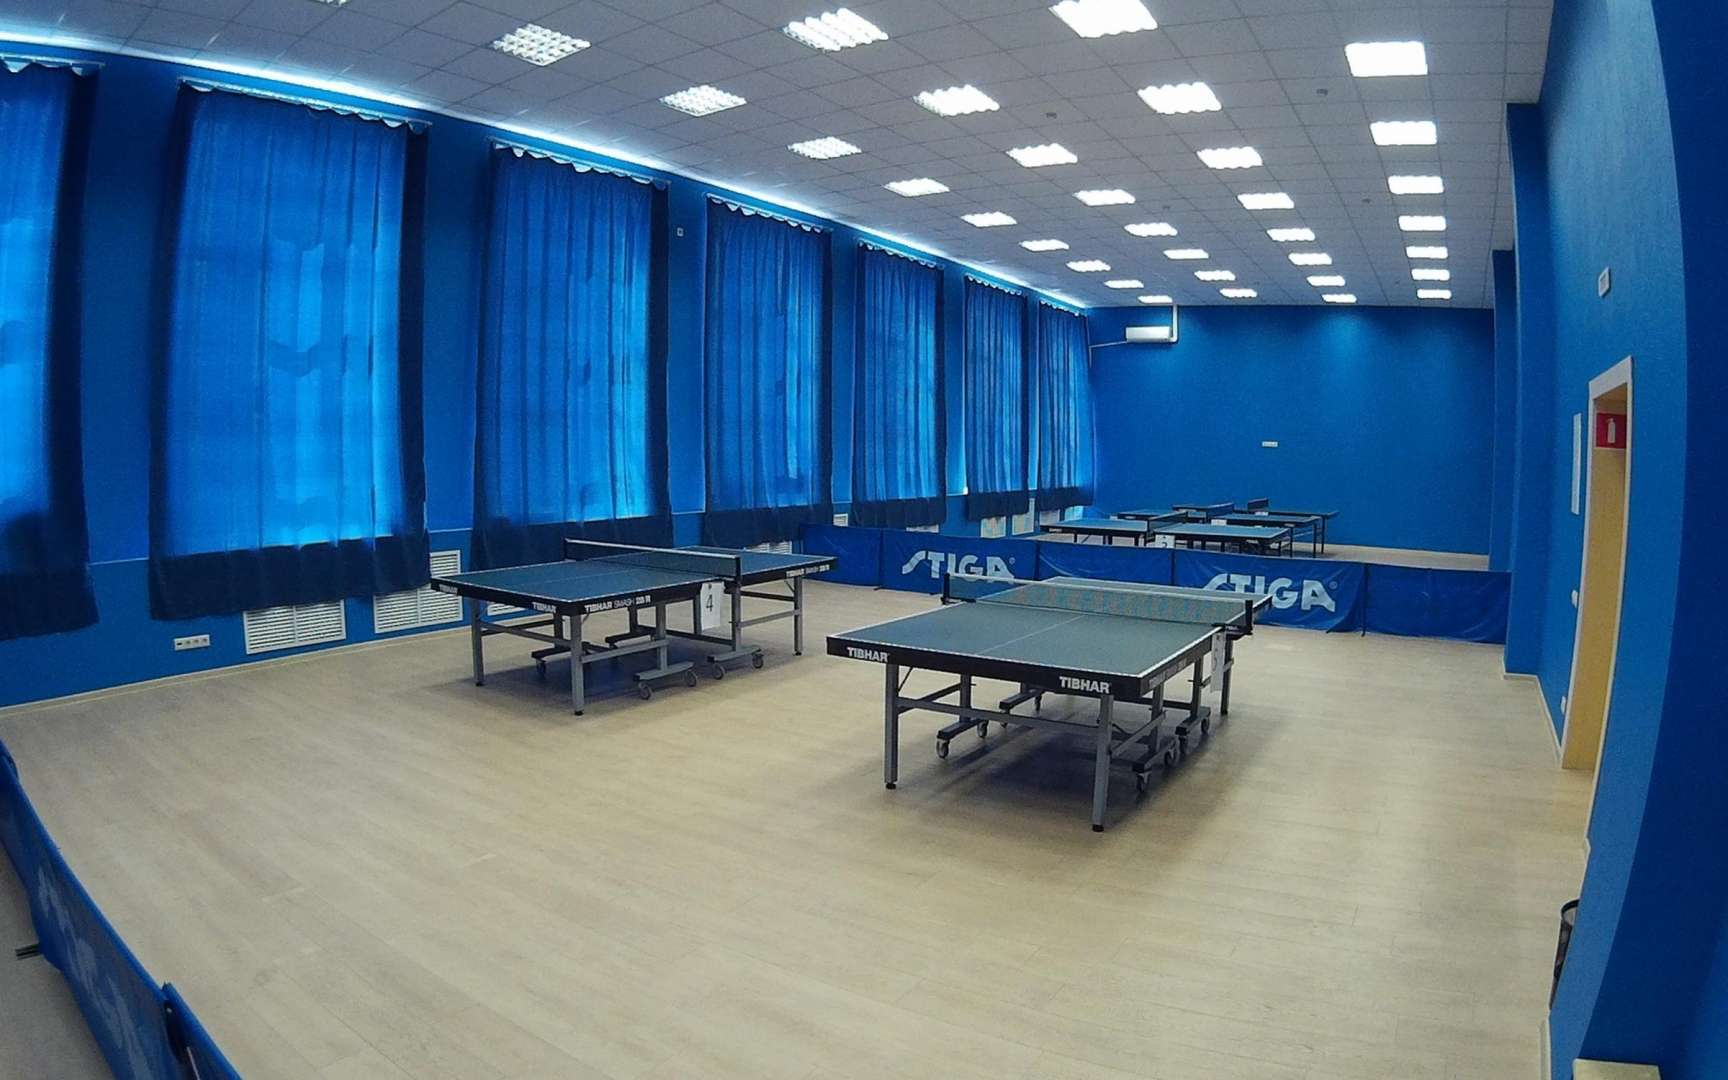 спортивная база москвич каширка фото